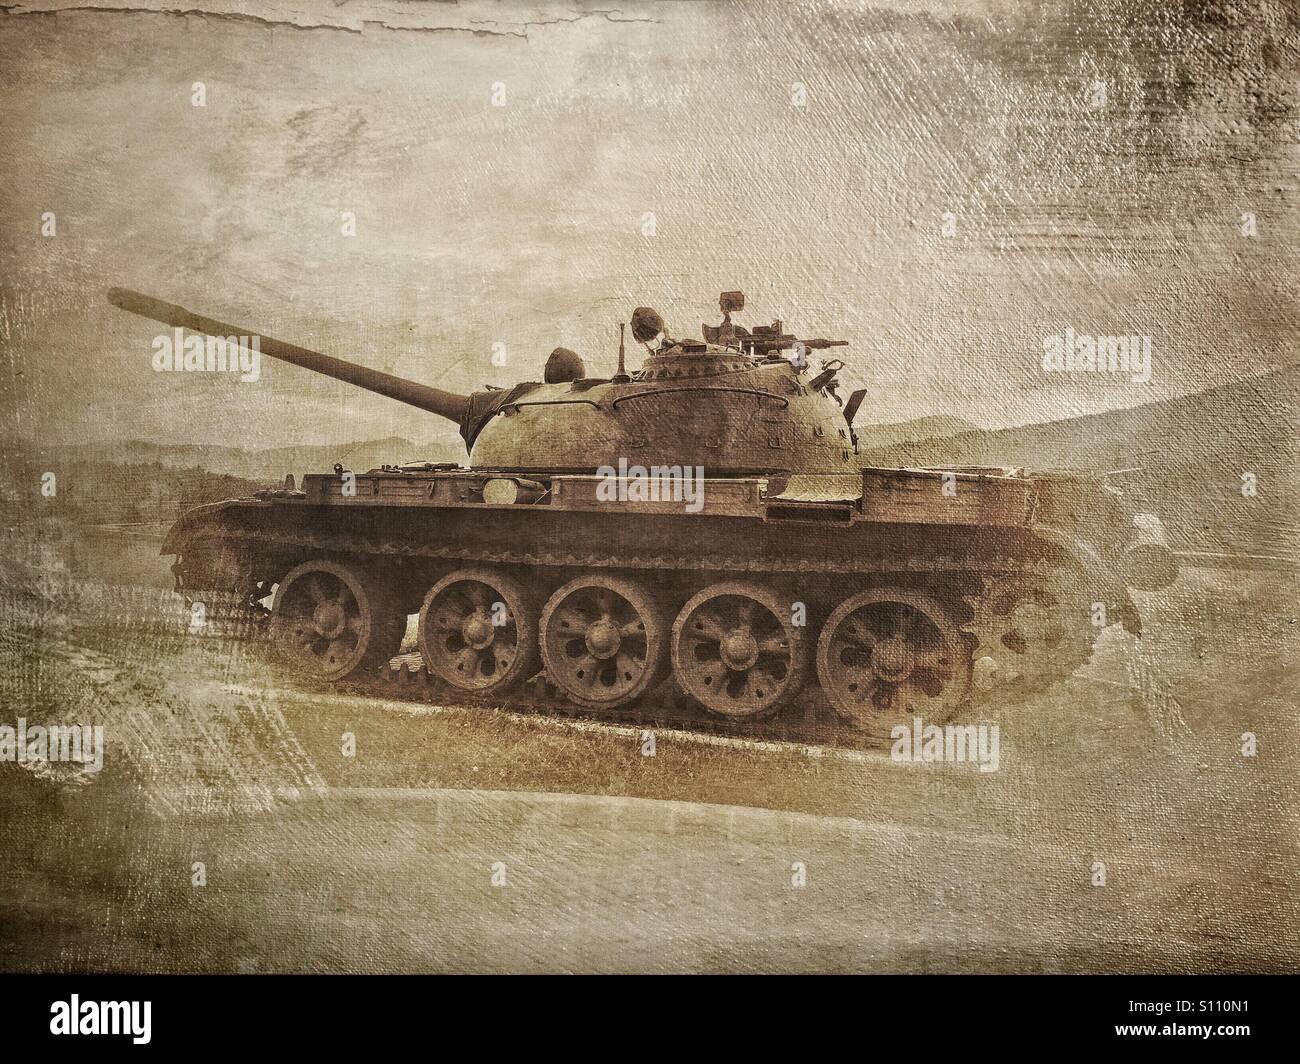 T-55 serbatoio sul display in Parco di storia militare in Pivka, Slovenia Immagini Stock